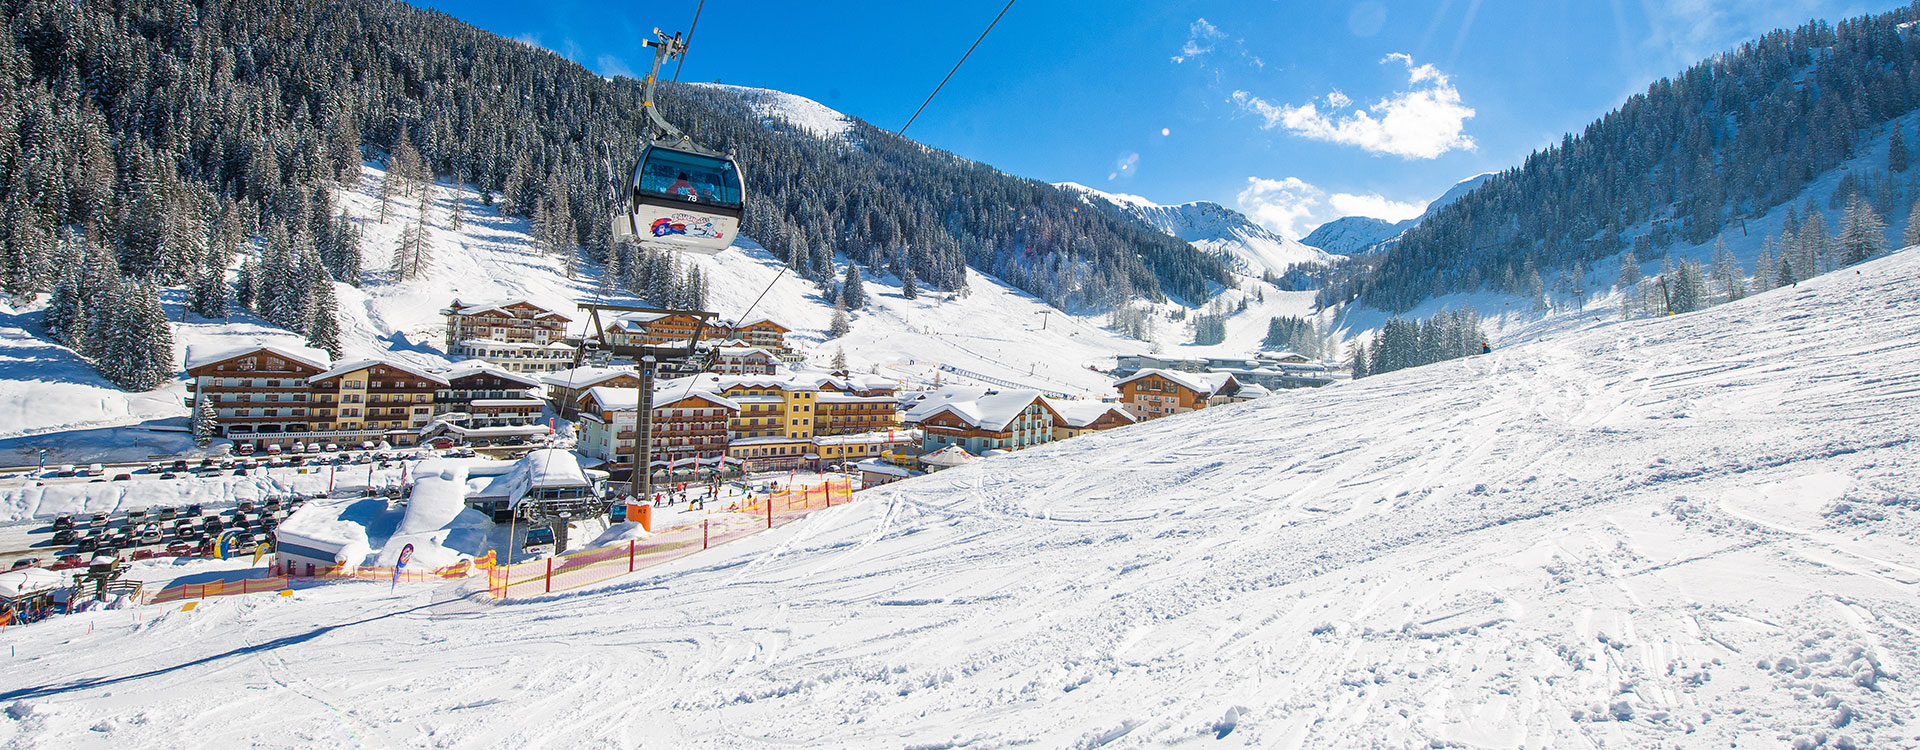 Skiurlaub in Zauchensee, Schischule Walchhofer in Ski amadé